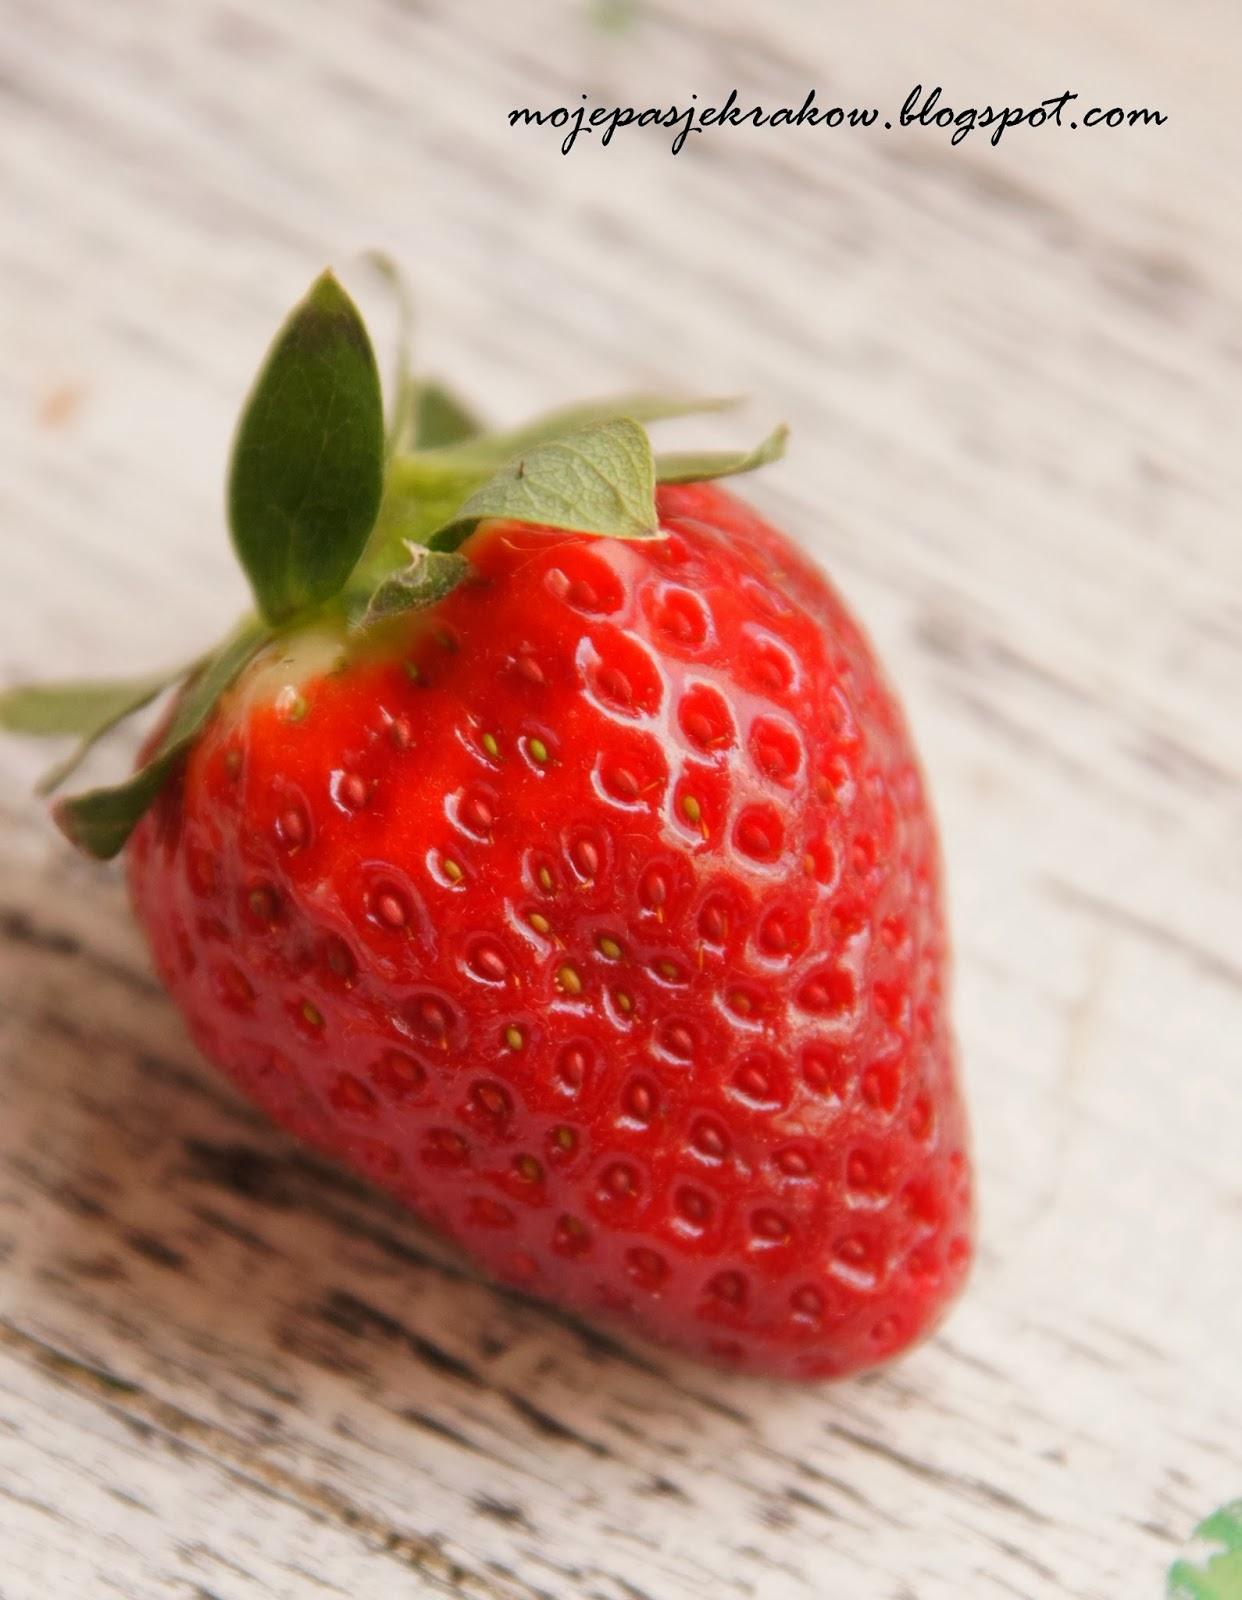 http://www.mojepasjekrakow.blogspot.com/2014/03/dieta-1100-kcal-ogolne-zasady.html